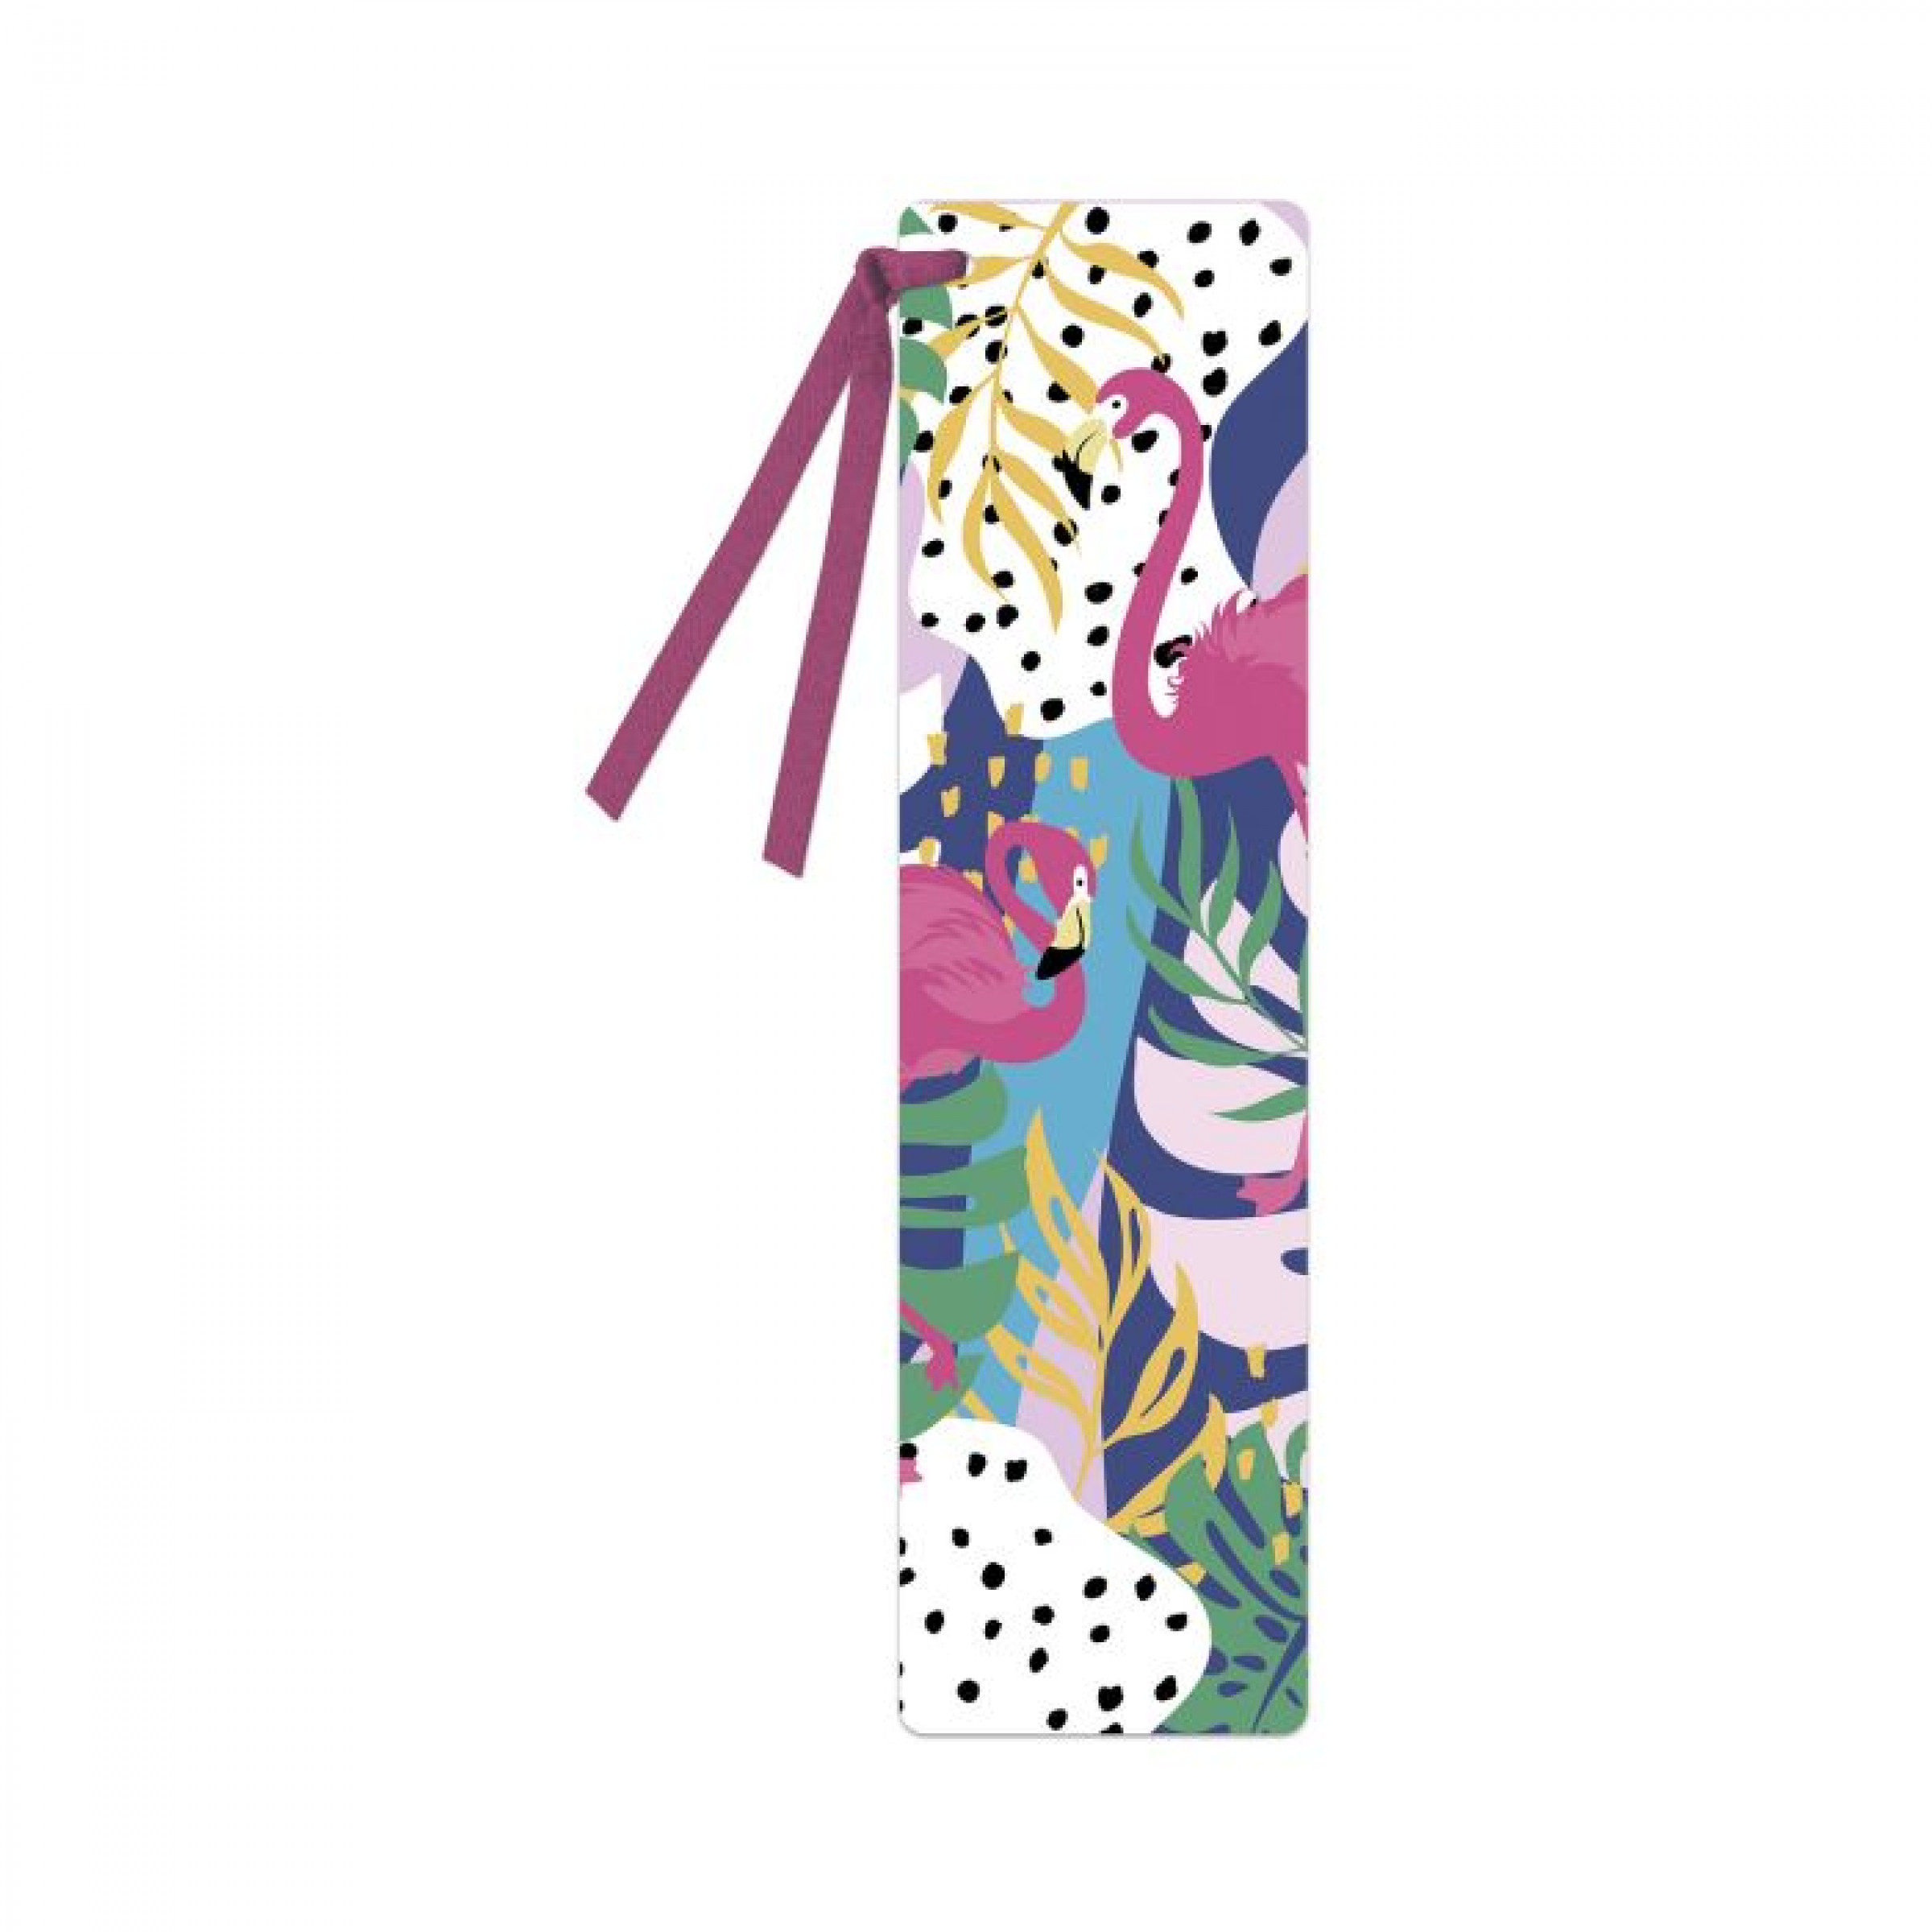 Закладка картонная для книг ФЛАМИНГО, 1 шт